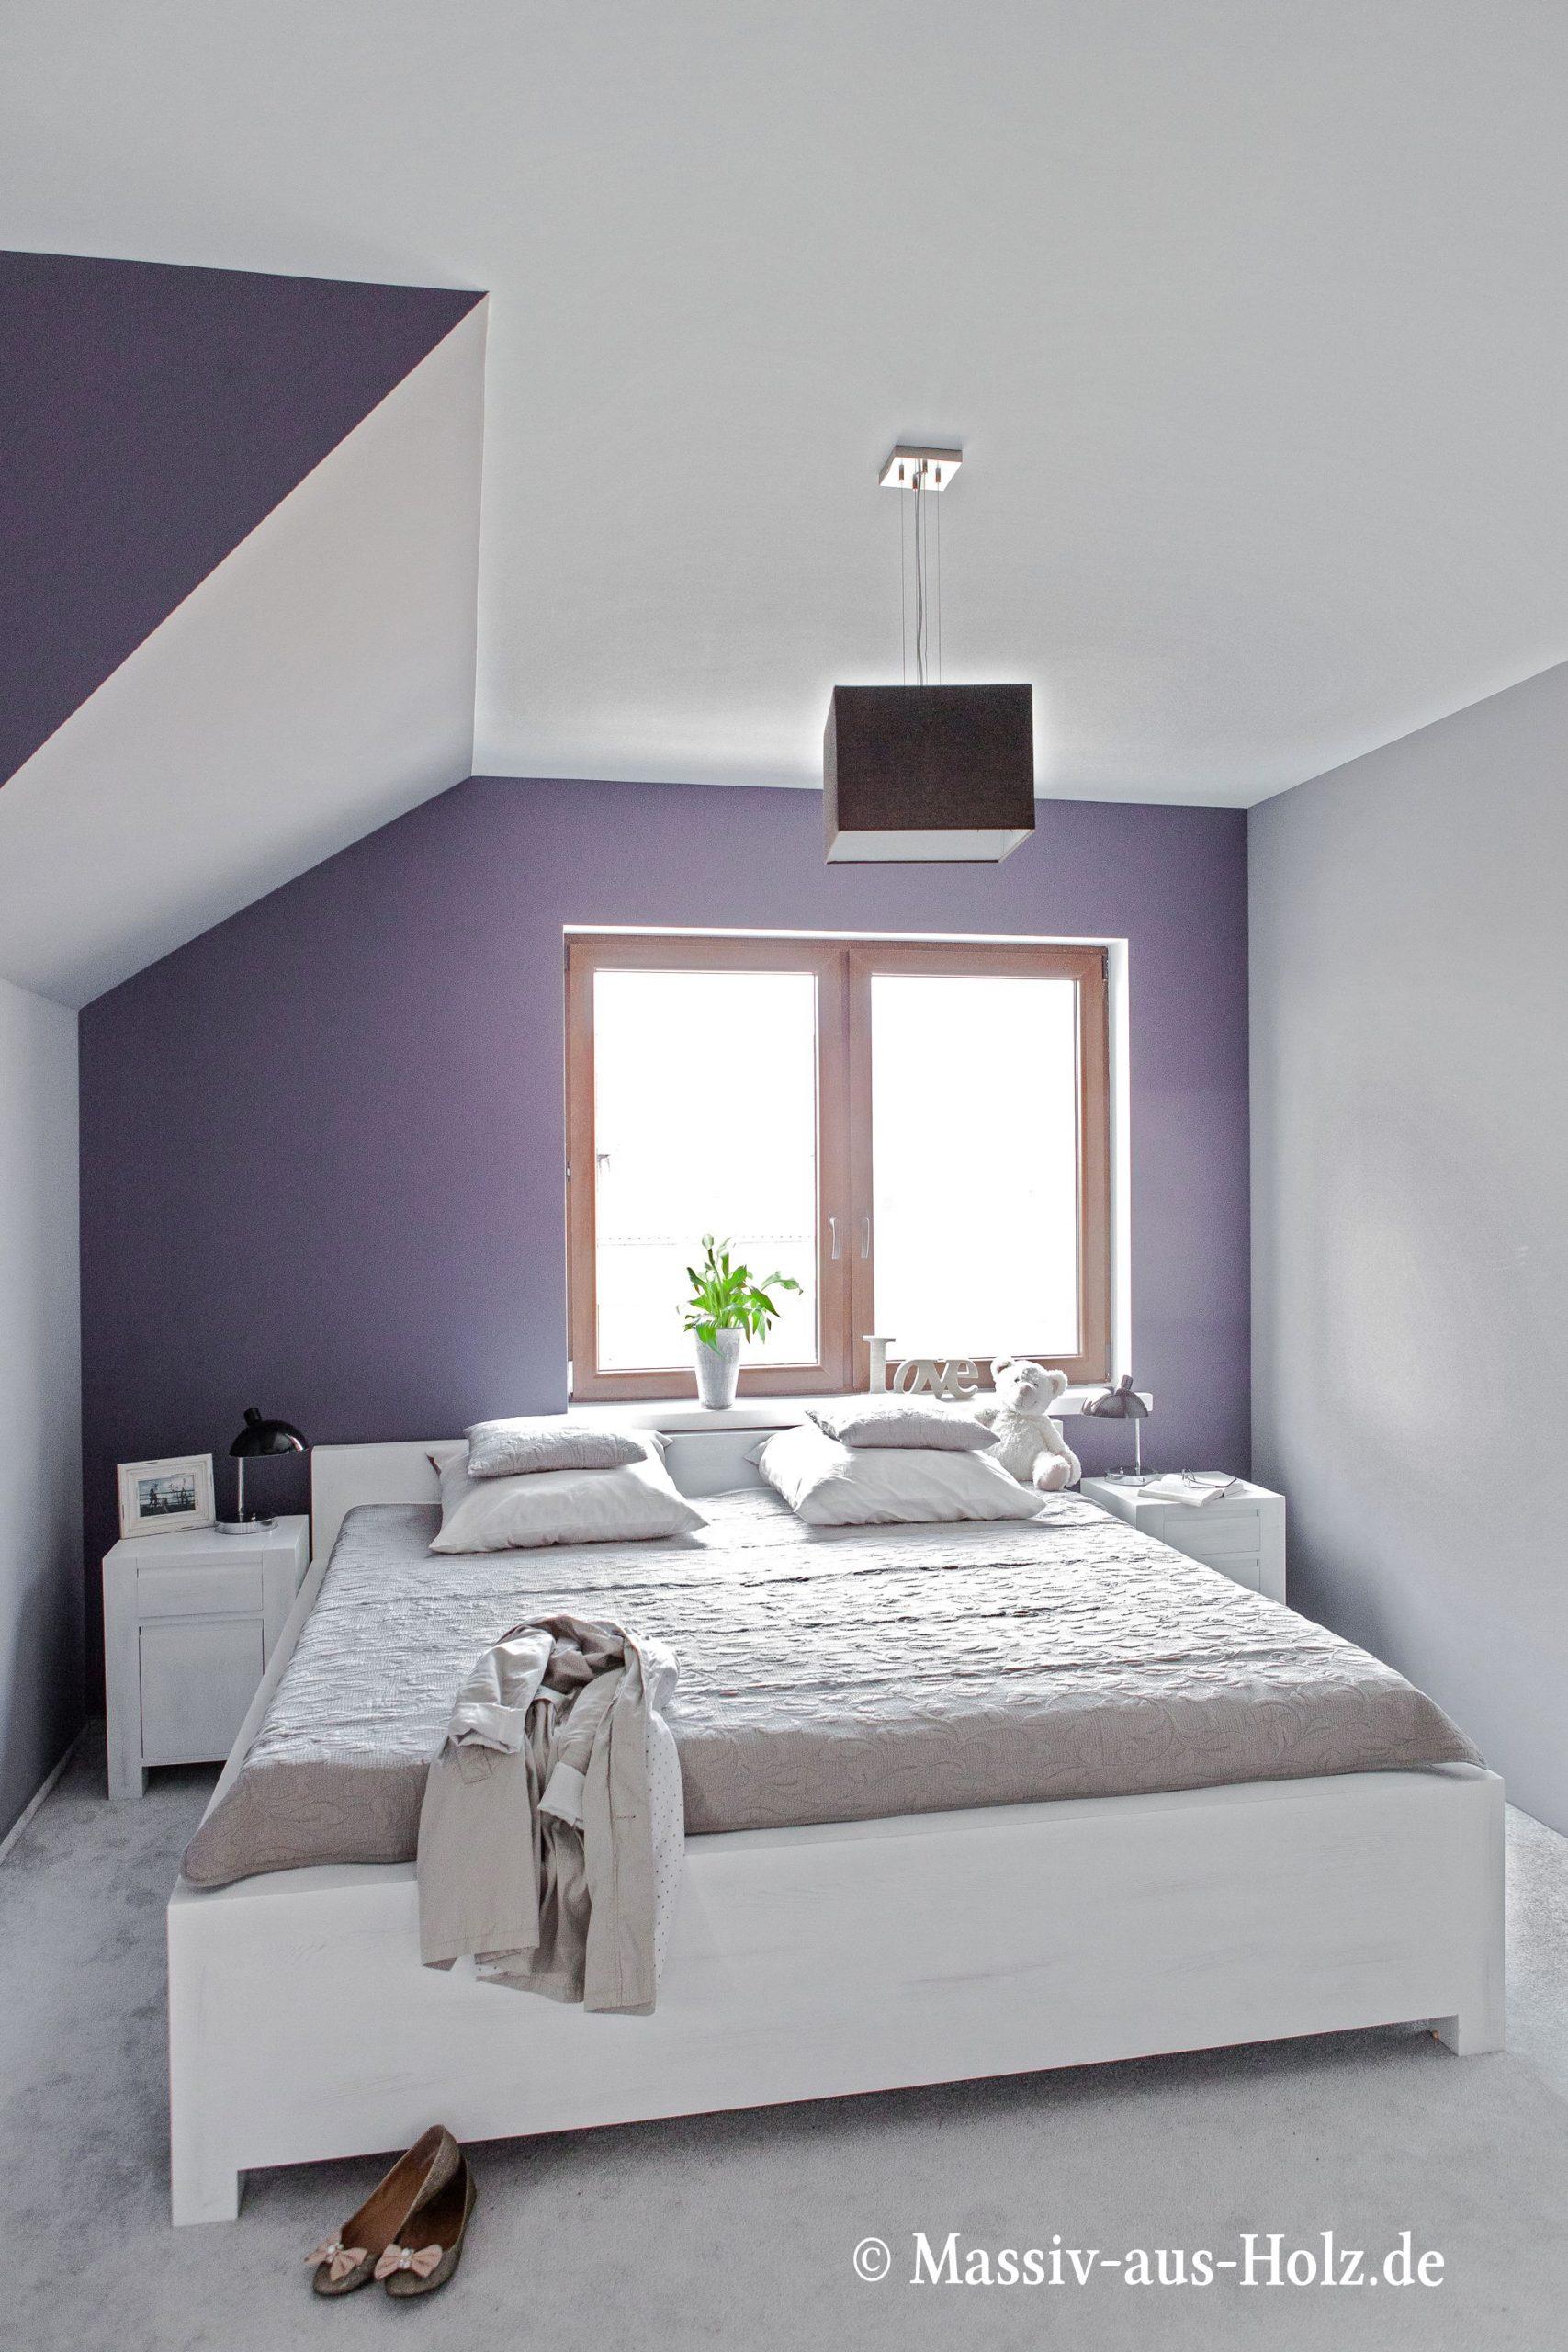 Full Size of Bett Modern Schlafzimmer Kommode Weiß Eckschrank Günstige Vorhänge Massivholz Wandbilder Landhausstil Teppich Kronleuchter Tapeten Schranksysteme Weißes Schlafzimmer Schlafzimmer Weiss